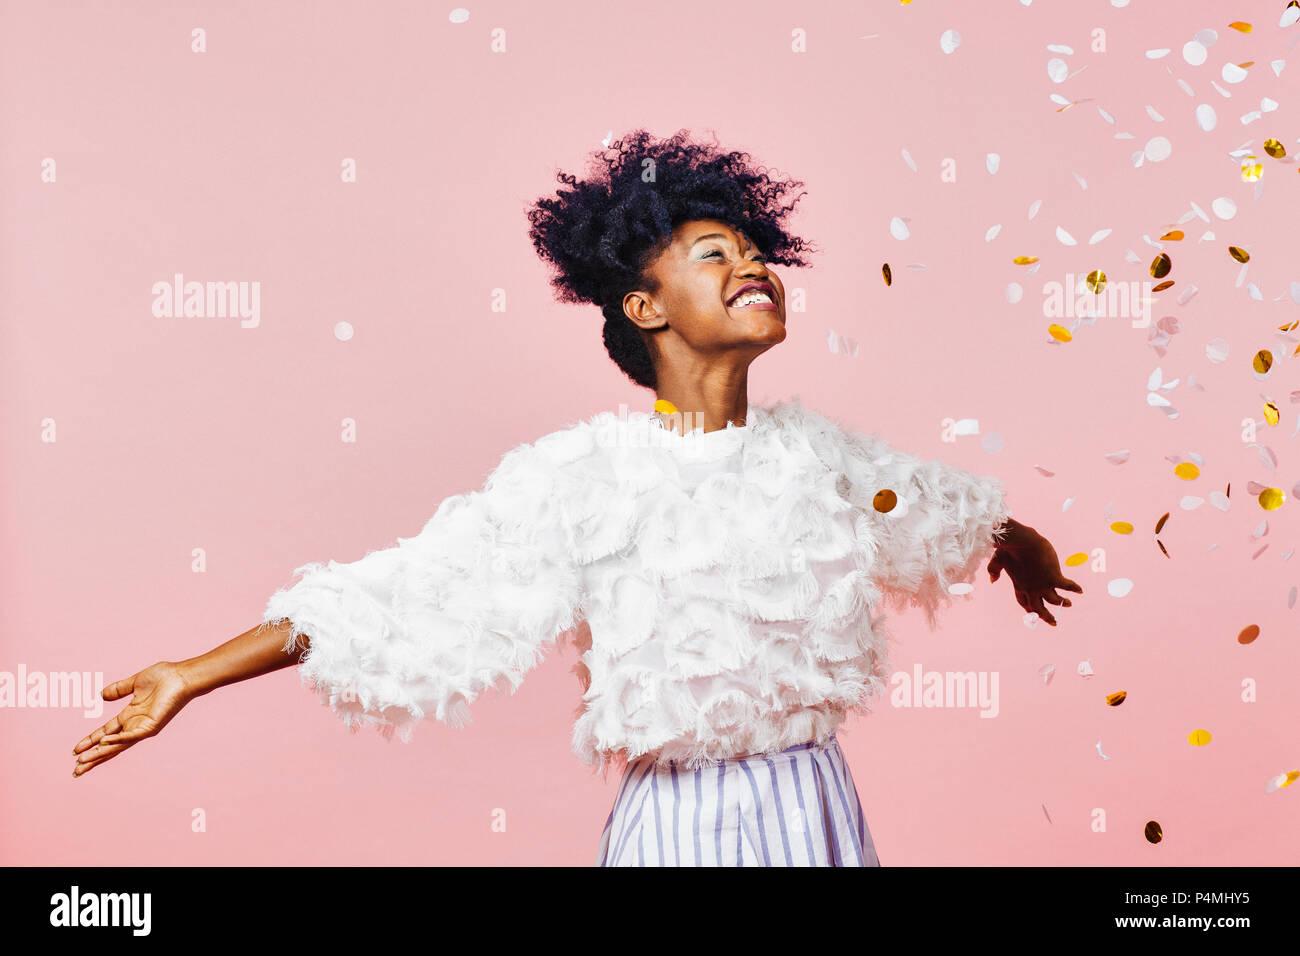 Eine magische Zeit - Porträt einer sehr glücklichen Mädchen mit Armen, Konfetti lächelnd fallen Stockbild